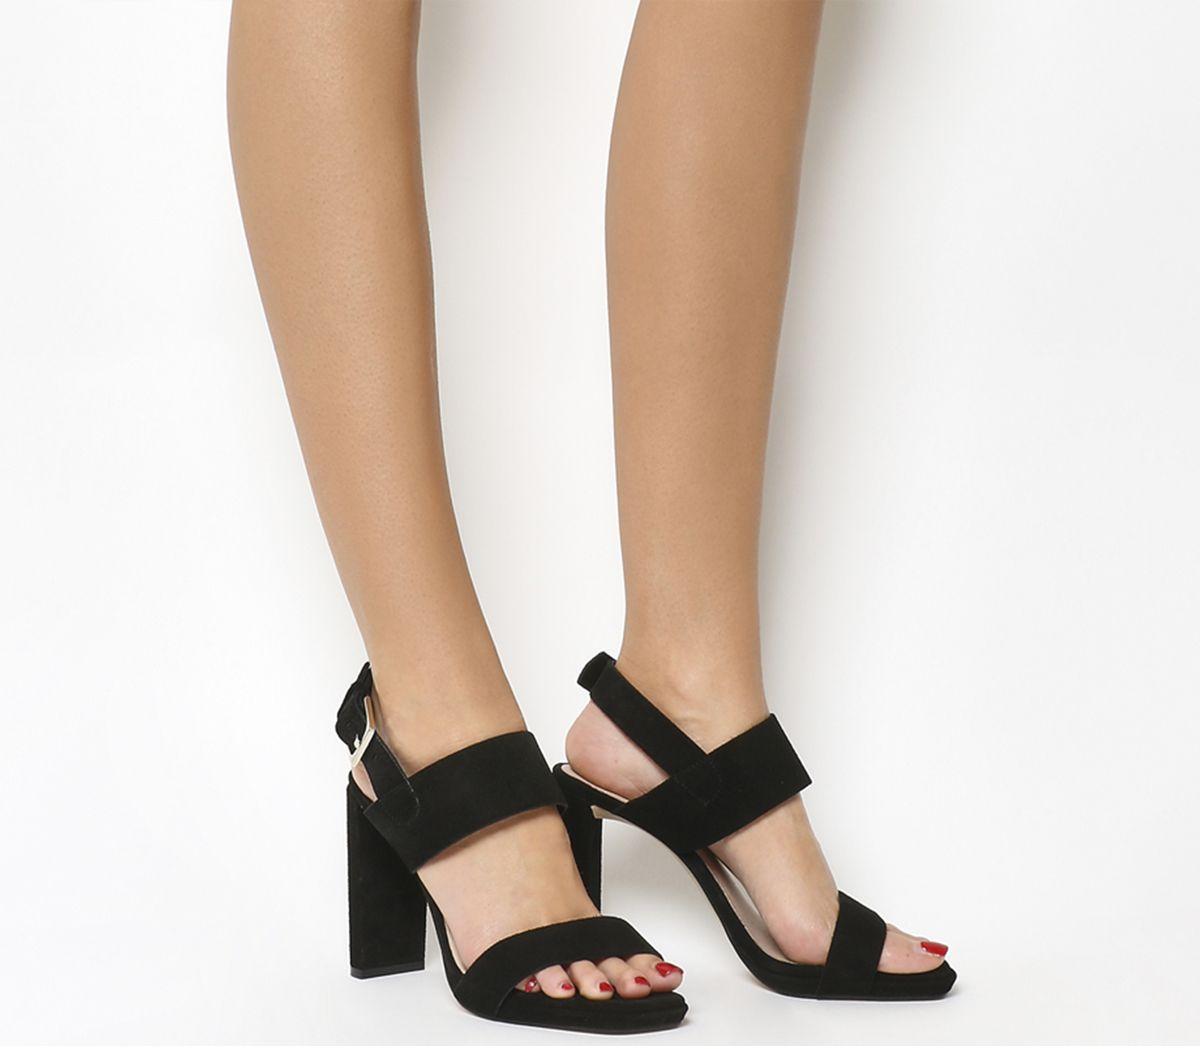 b64491738a6 Office Howl Slingback Slim Block Heels Black Suede - High Heels